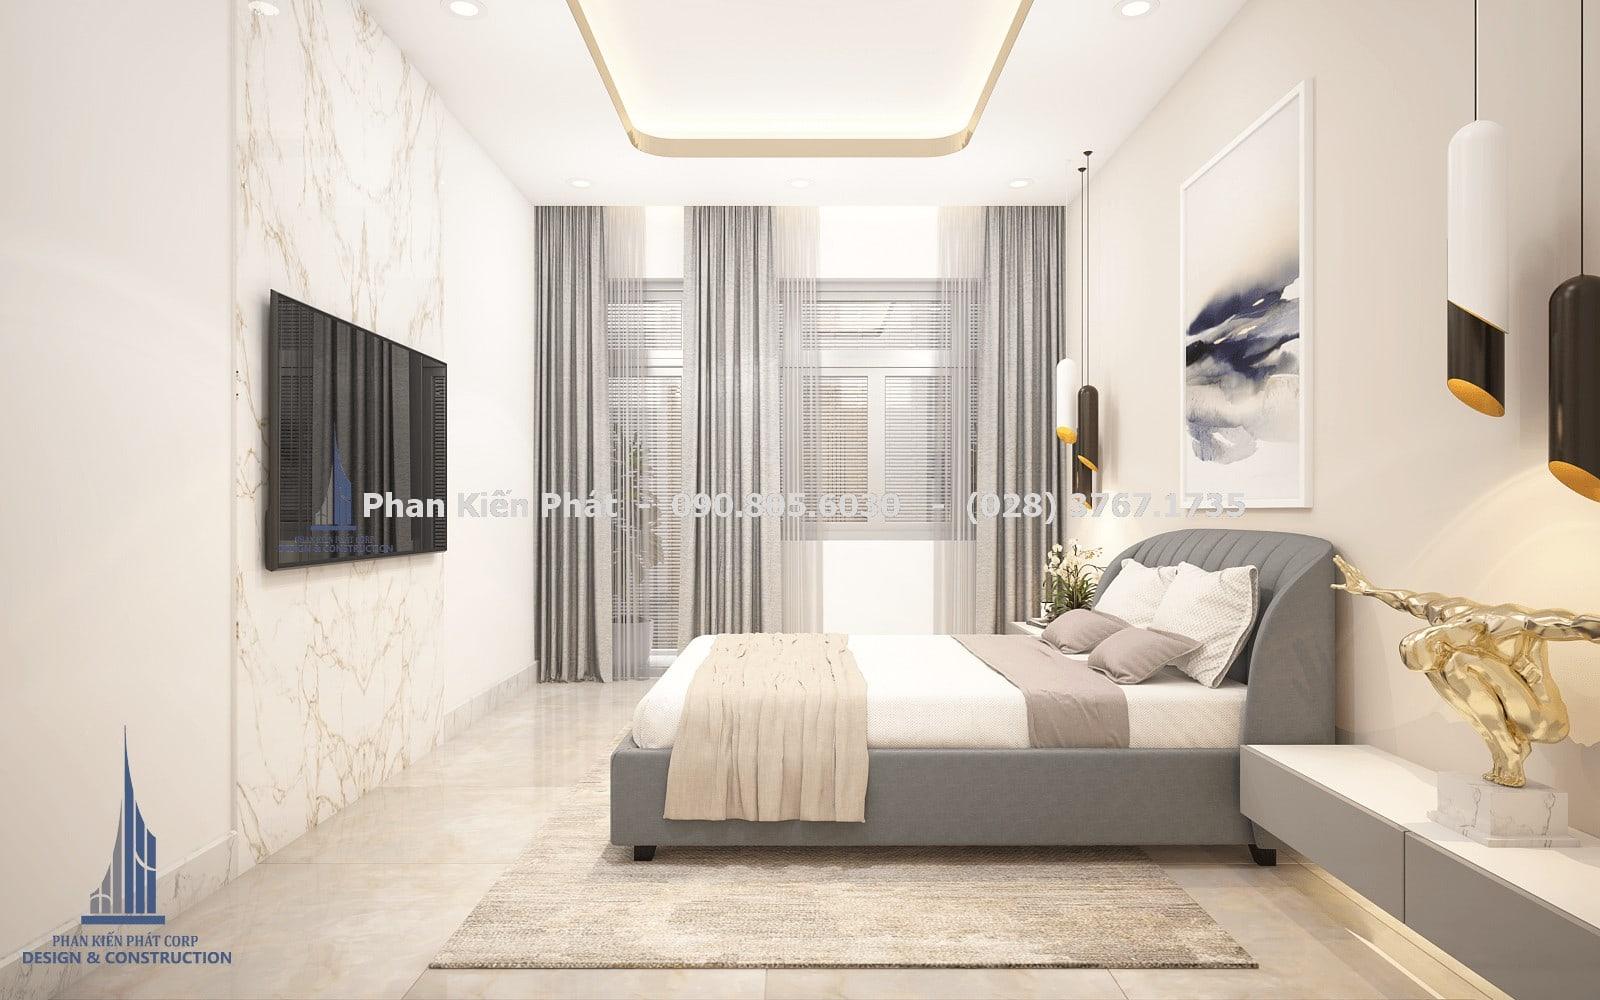 Nội thất phòng ngủ dành cho khách đẹp góc 2